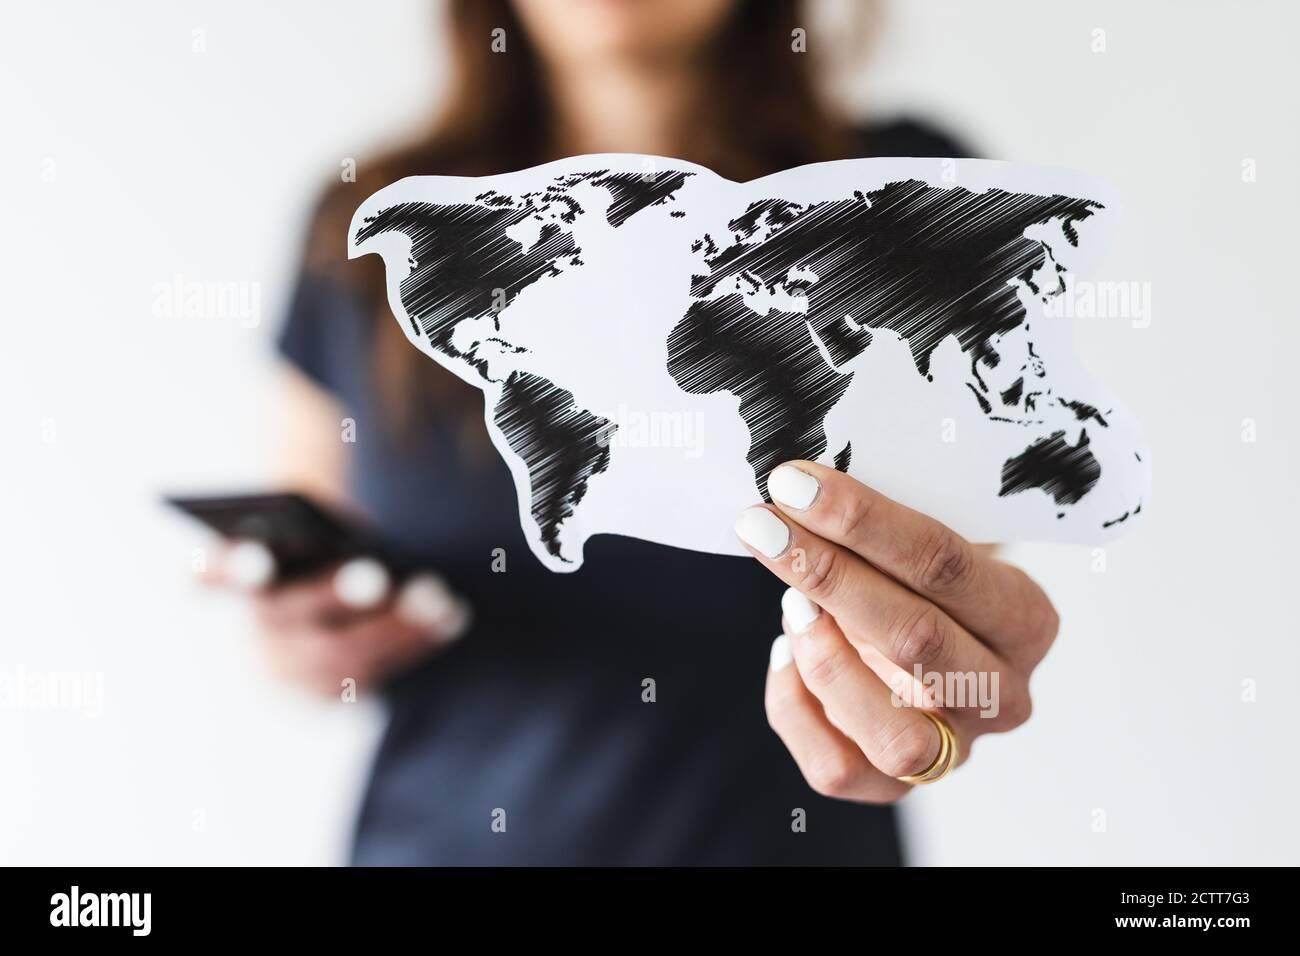 concepto de comercio mundial o viajes internacionales, mujer que sostiene el mapa del mundo hacia la cámara mientras navega algo en su smartphone filmado en shal Foto de stock